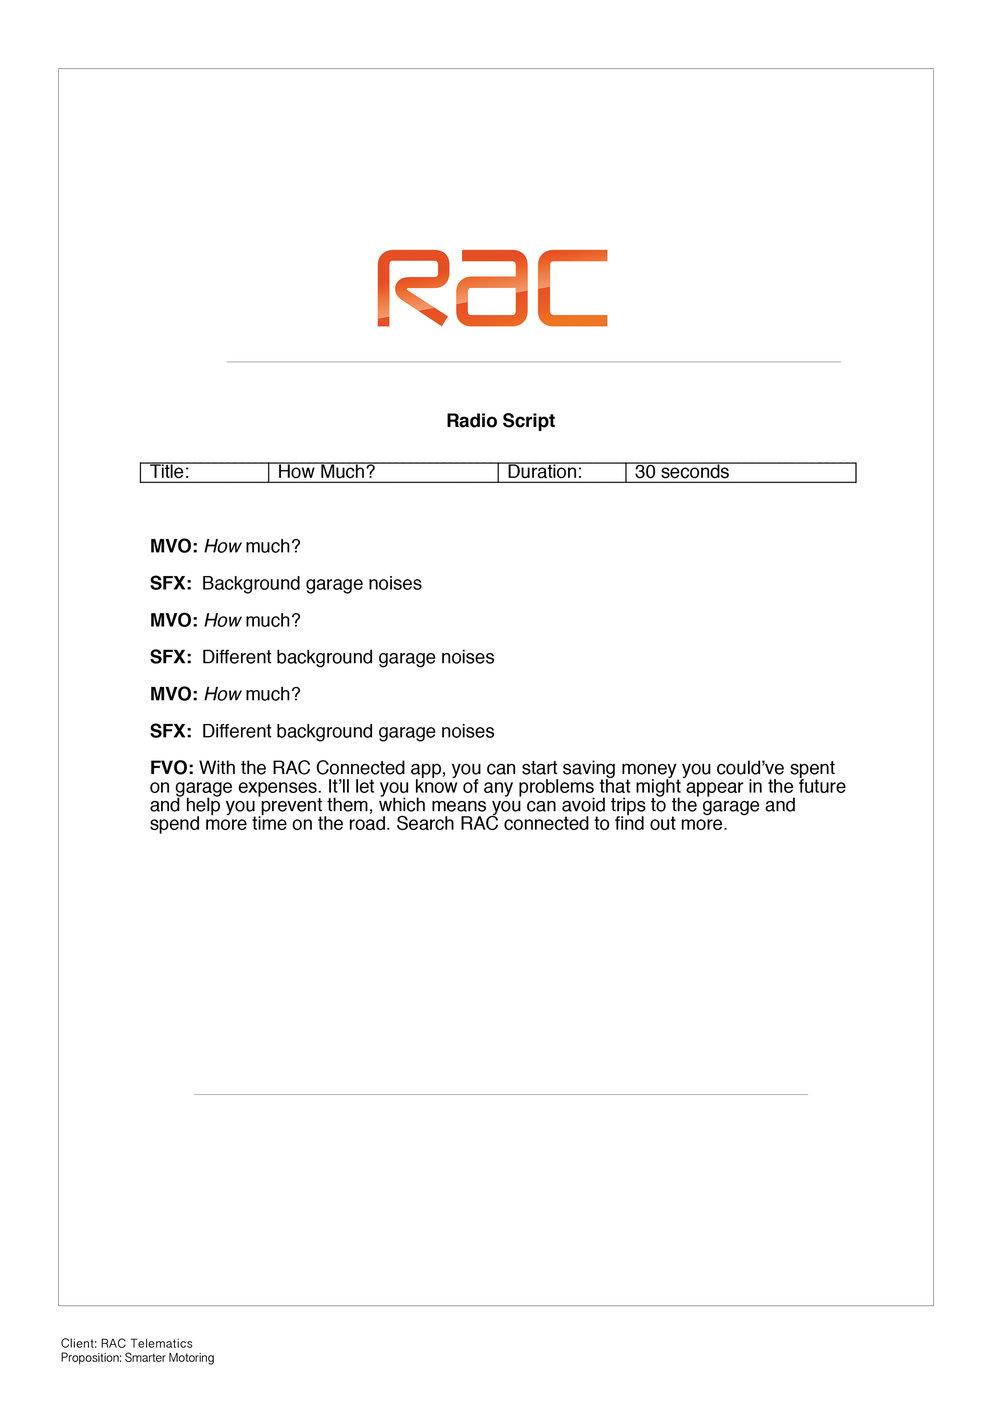 RAC How Much.jpg